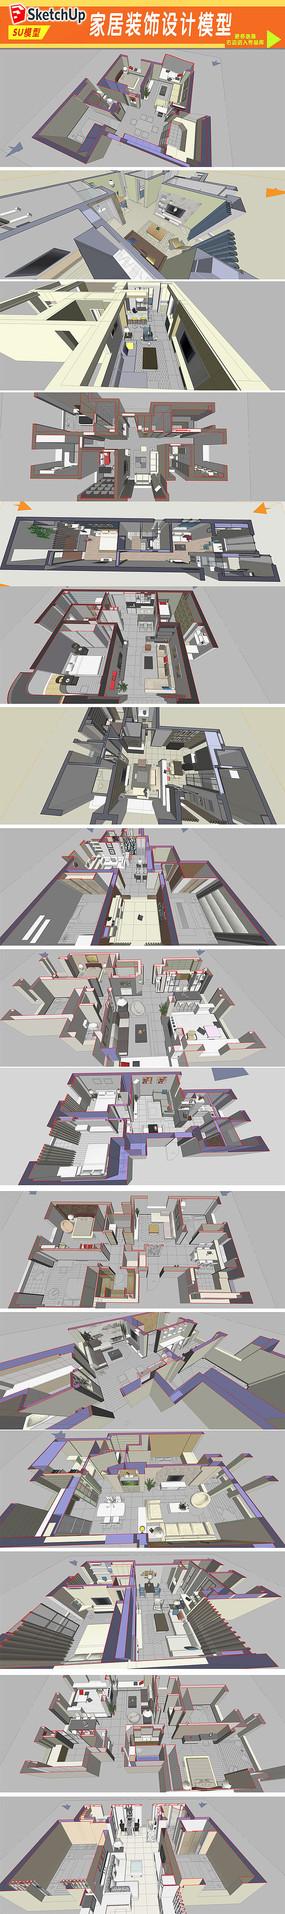 家居装饰设计模型